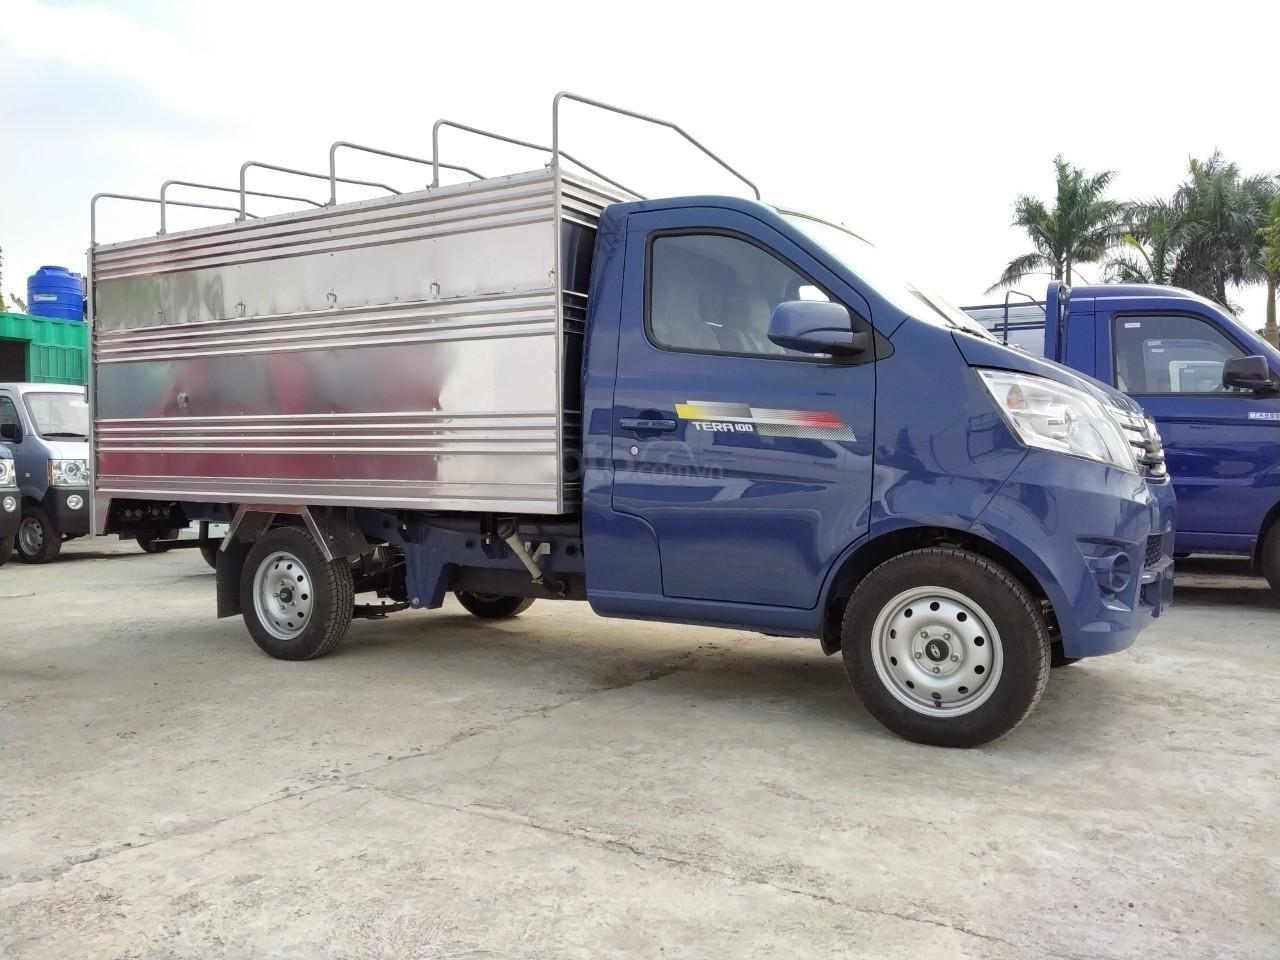 Bán xe tải Teraco tại Hải Dương, xe giá ưu đãi (4)